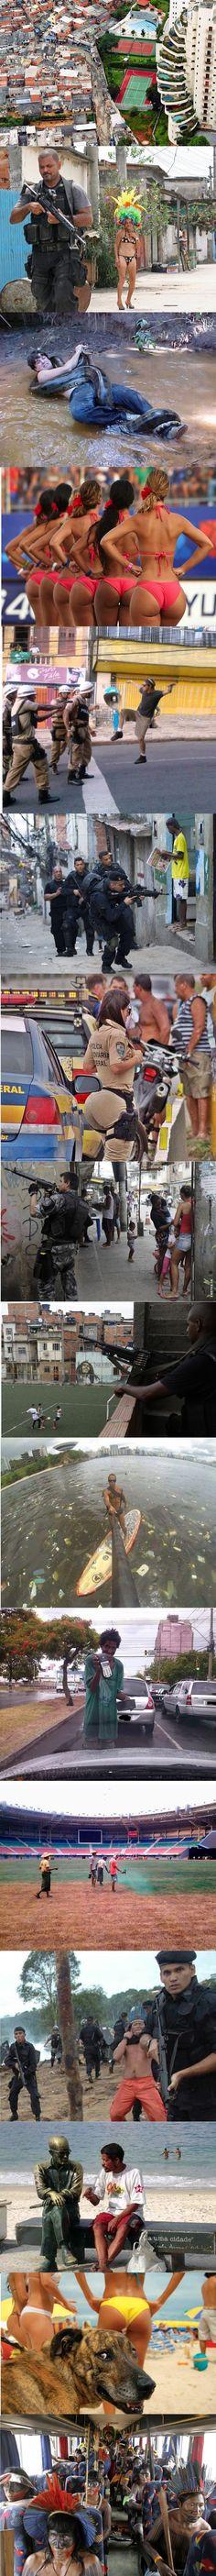 jednoducho Brazília